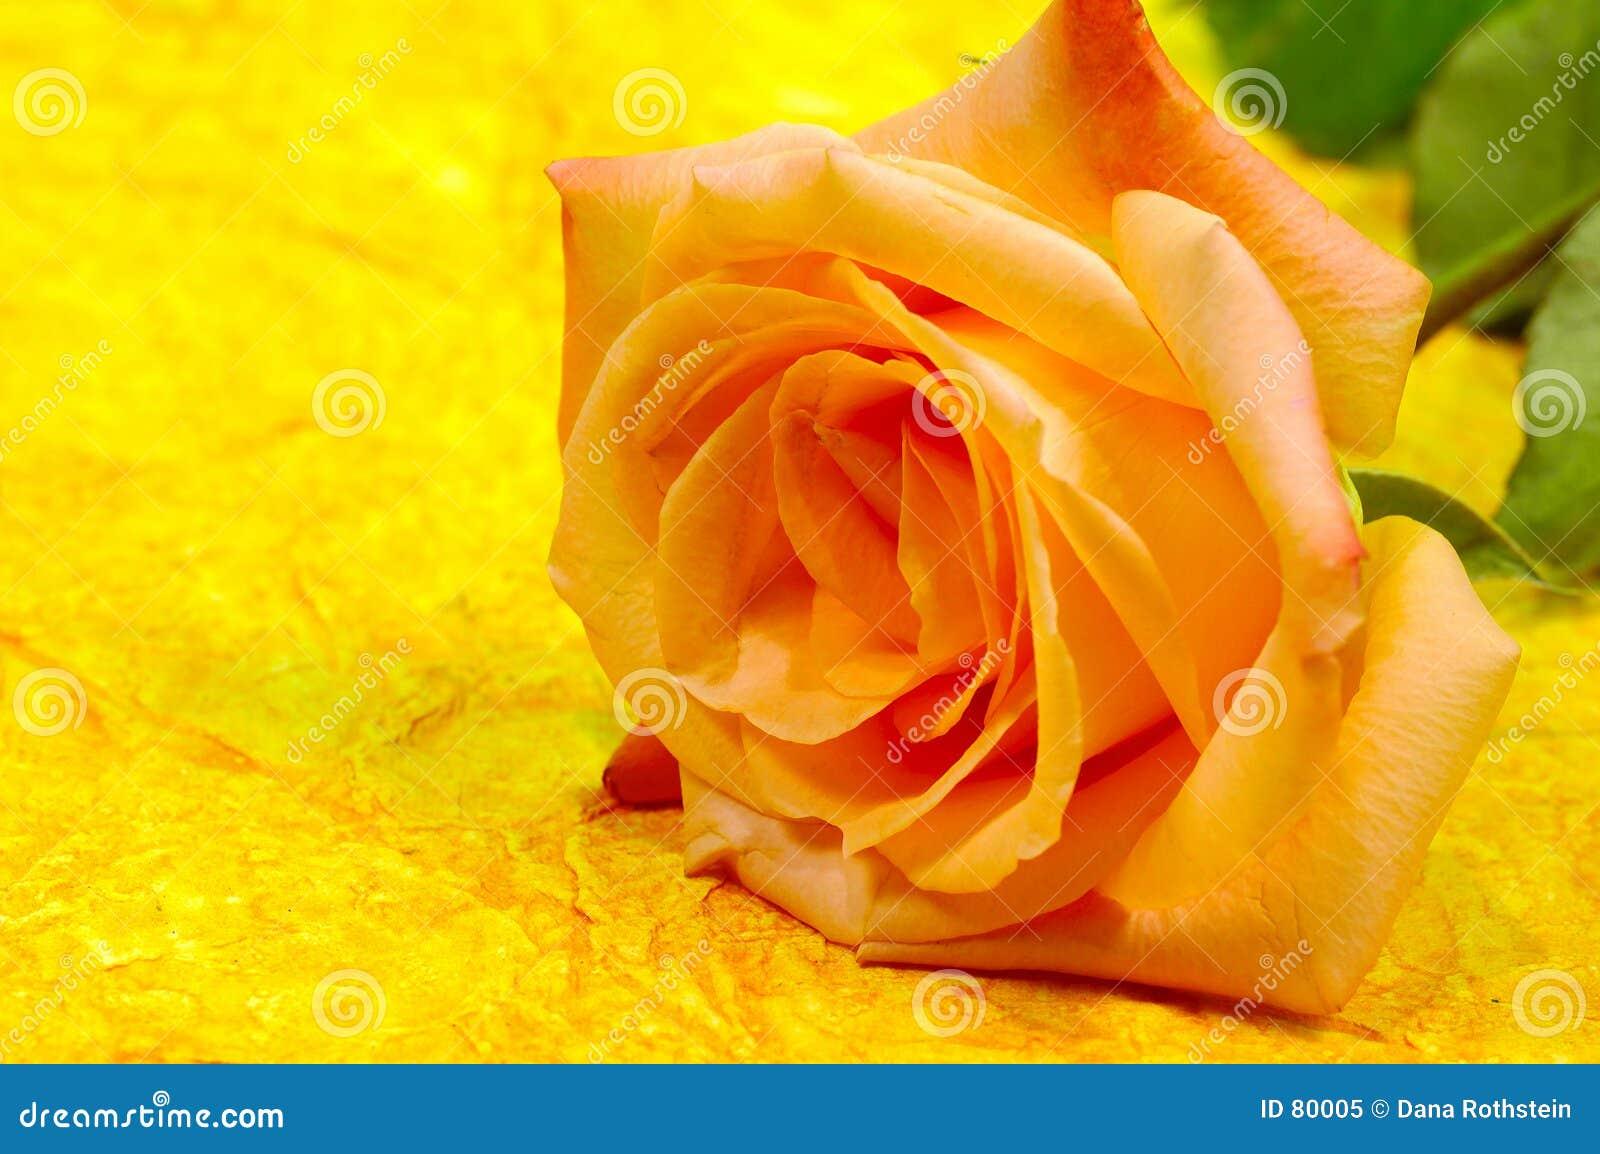 orange rosen hintergrund stockbild bild von stieg floral 80005. Black Bedroom Furniture Sets. Home Design Ideas